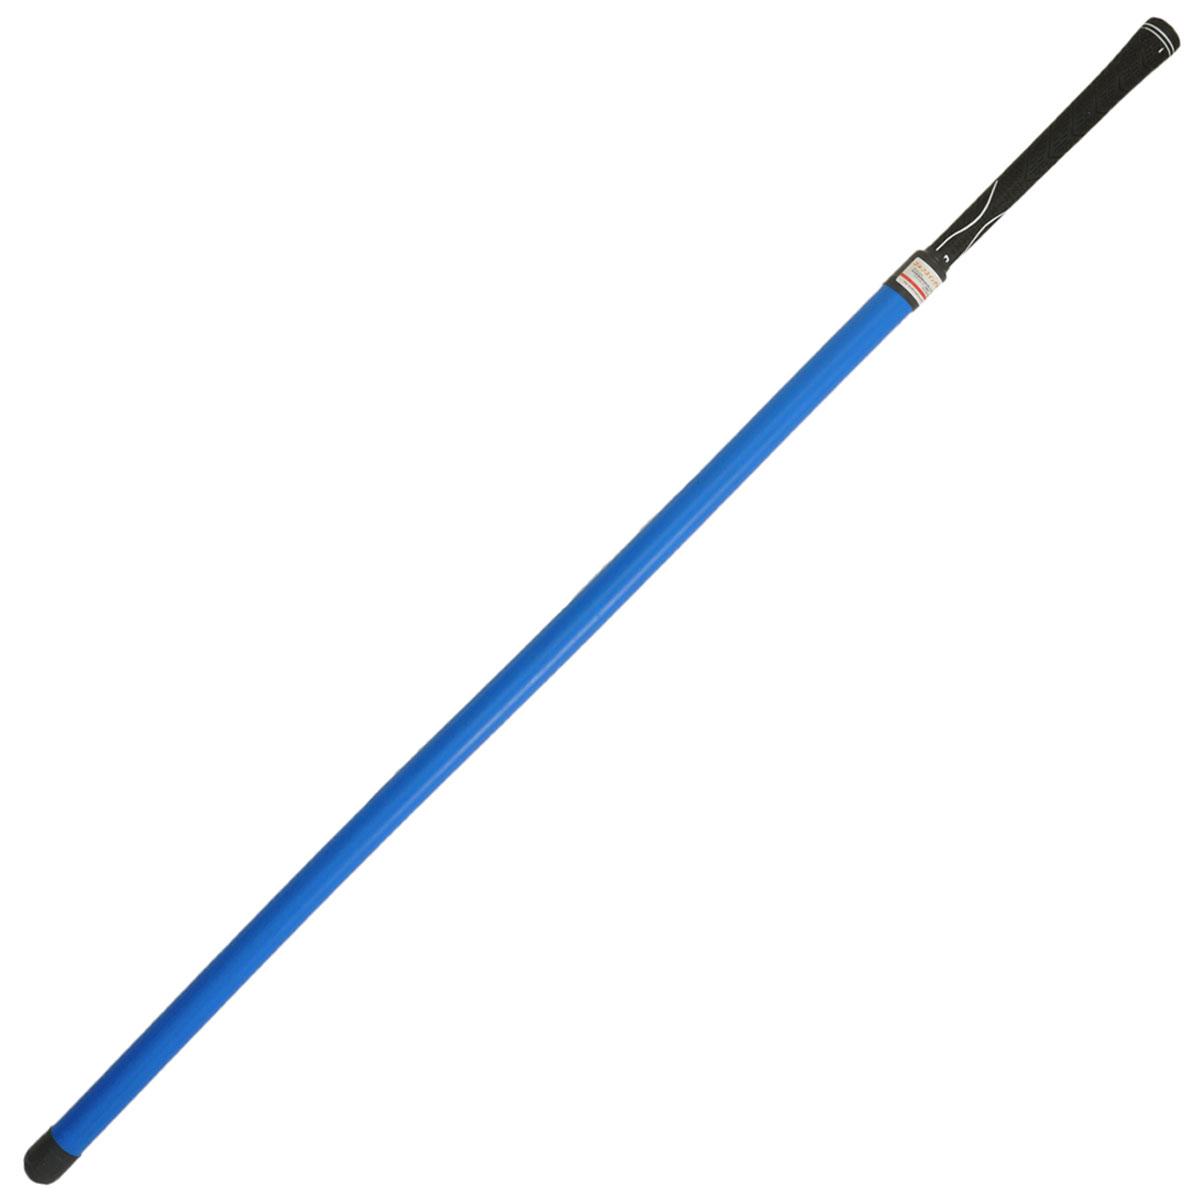 ゴルフスイングホース ノーマルカラーグリップ 練習器具